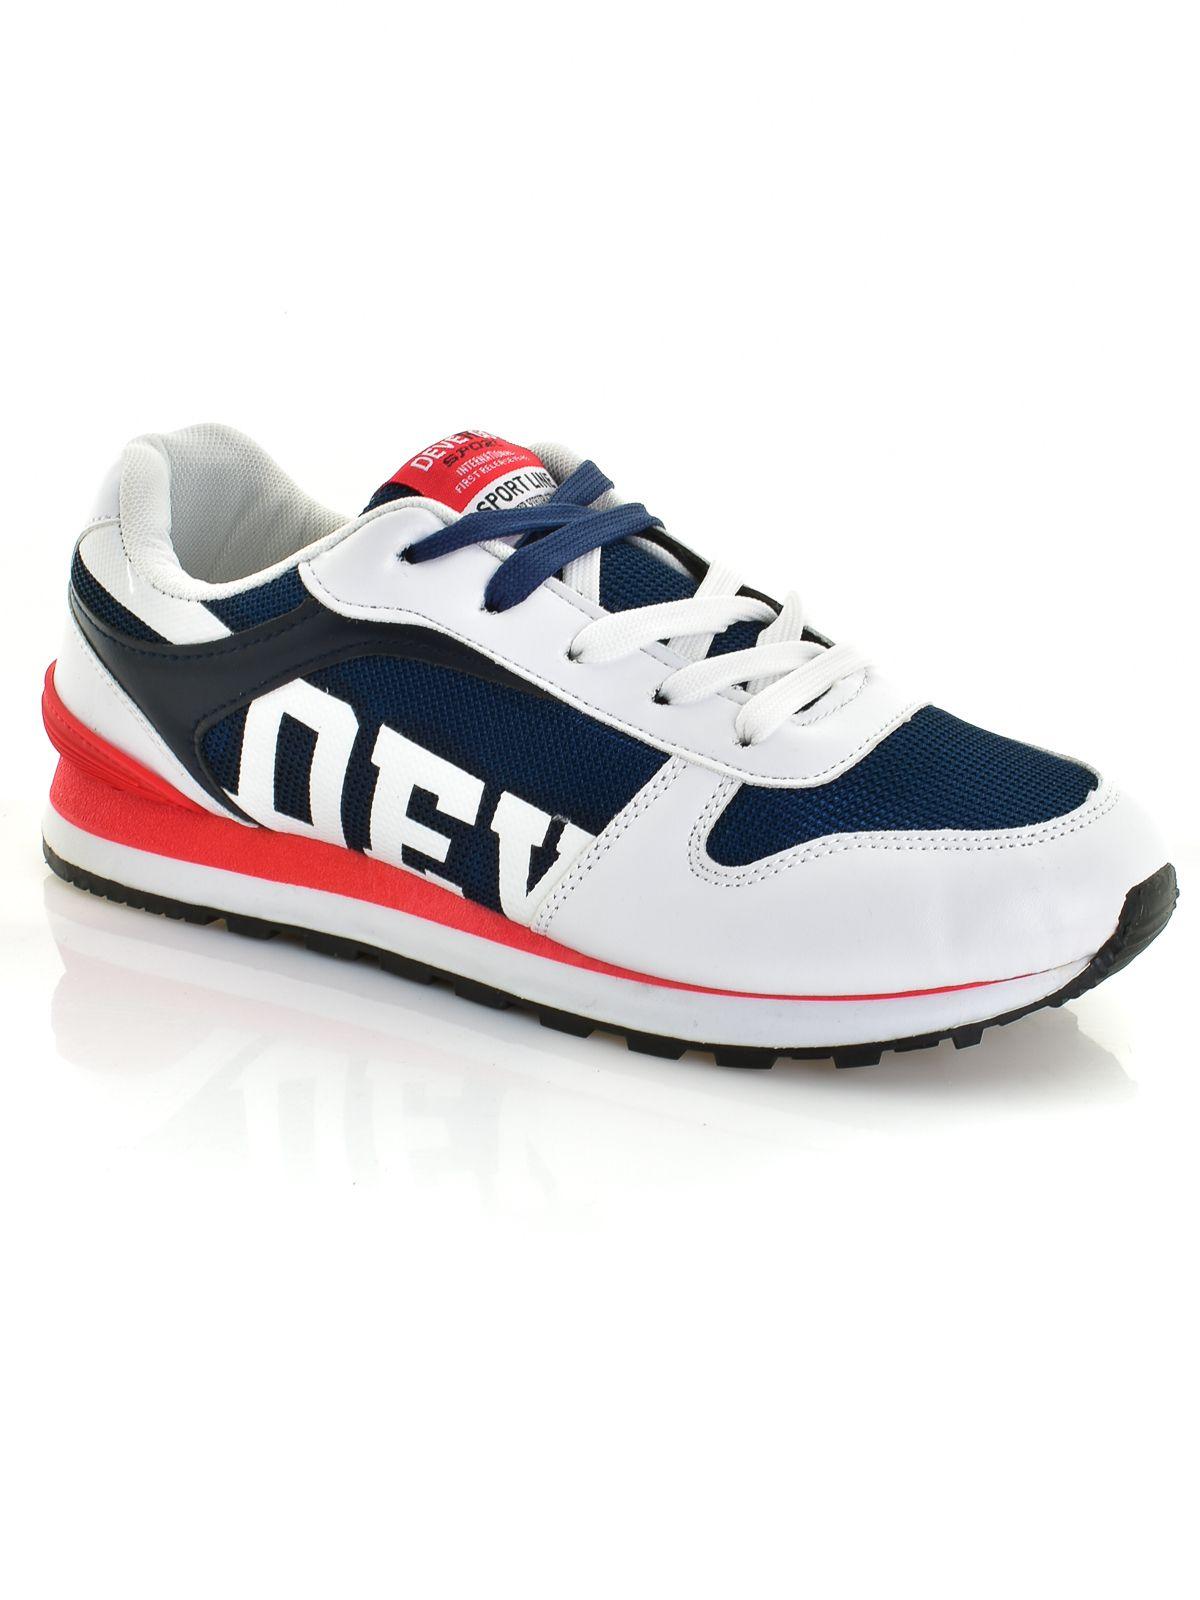 4587eae4d1 Devergo férfi cipő MIKE | Markasbolt.hu Hivatalos DEVERGO forgalmazó